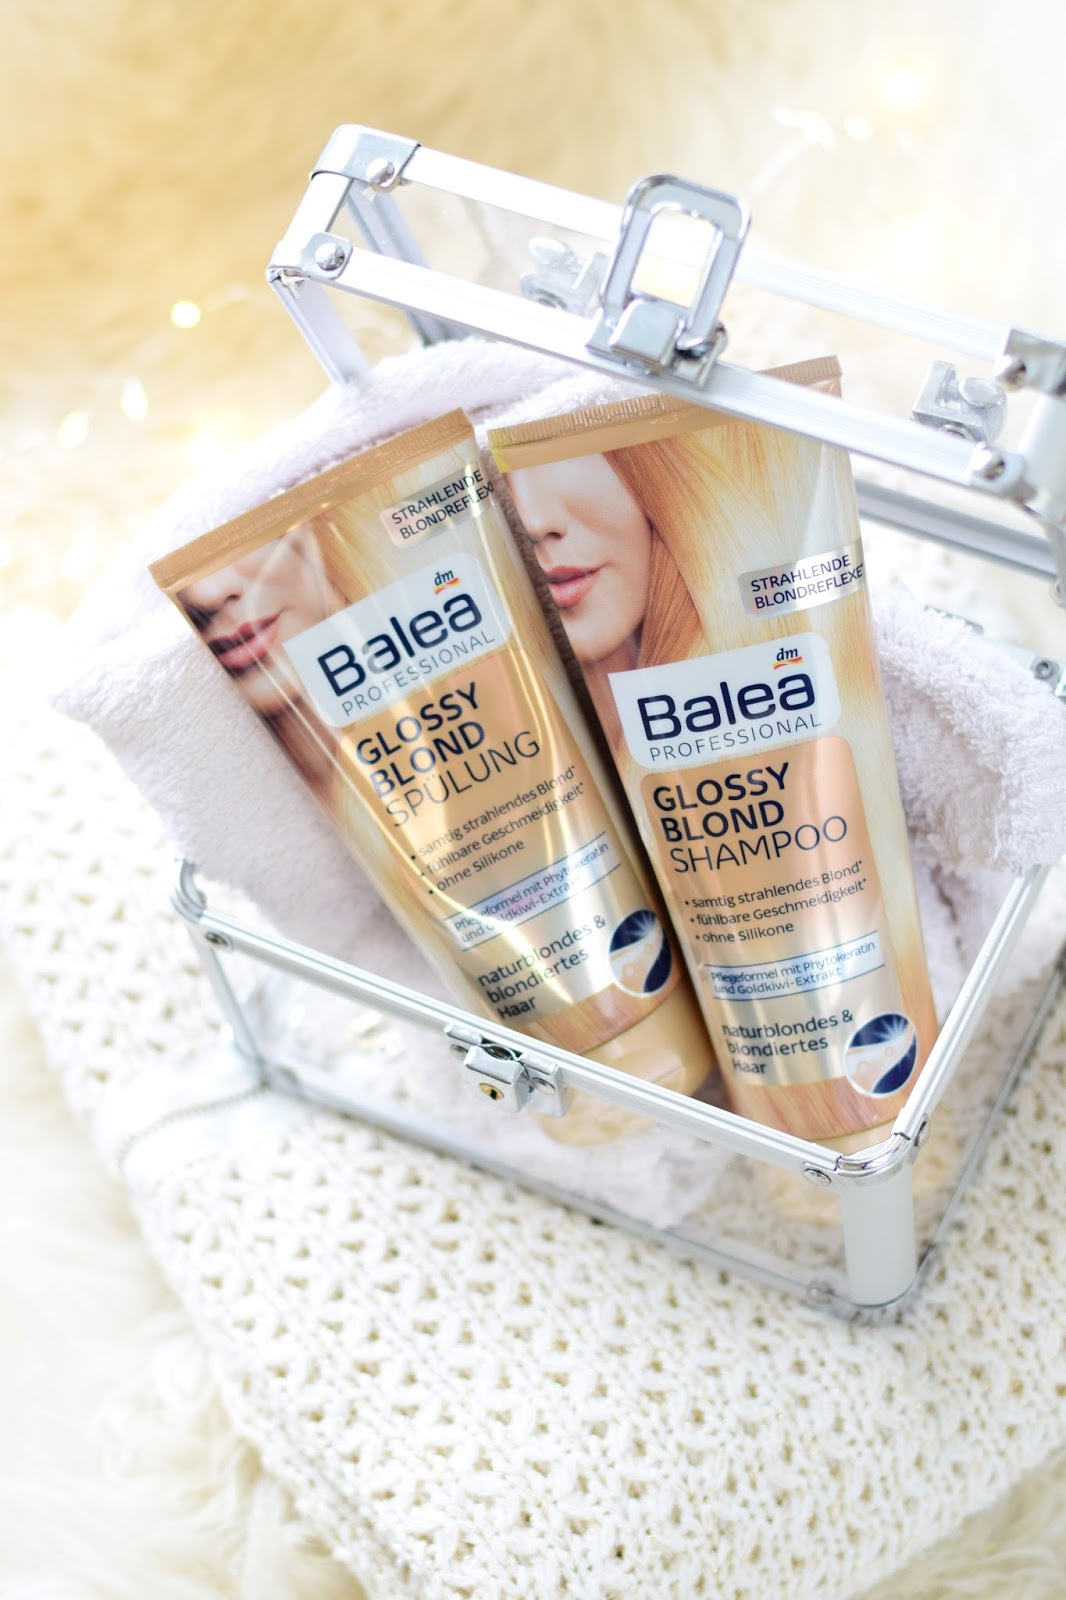 balea_glossy_blond_szampon_odżywka_do_włosów_blond_proteiny_włosy_blog_pielęgnacja